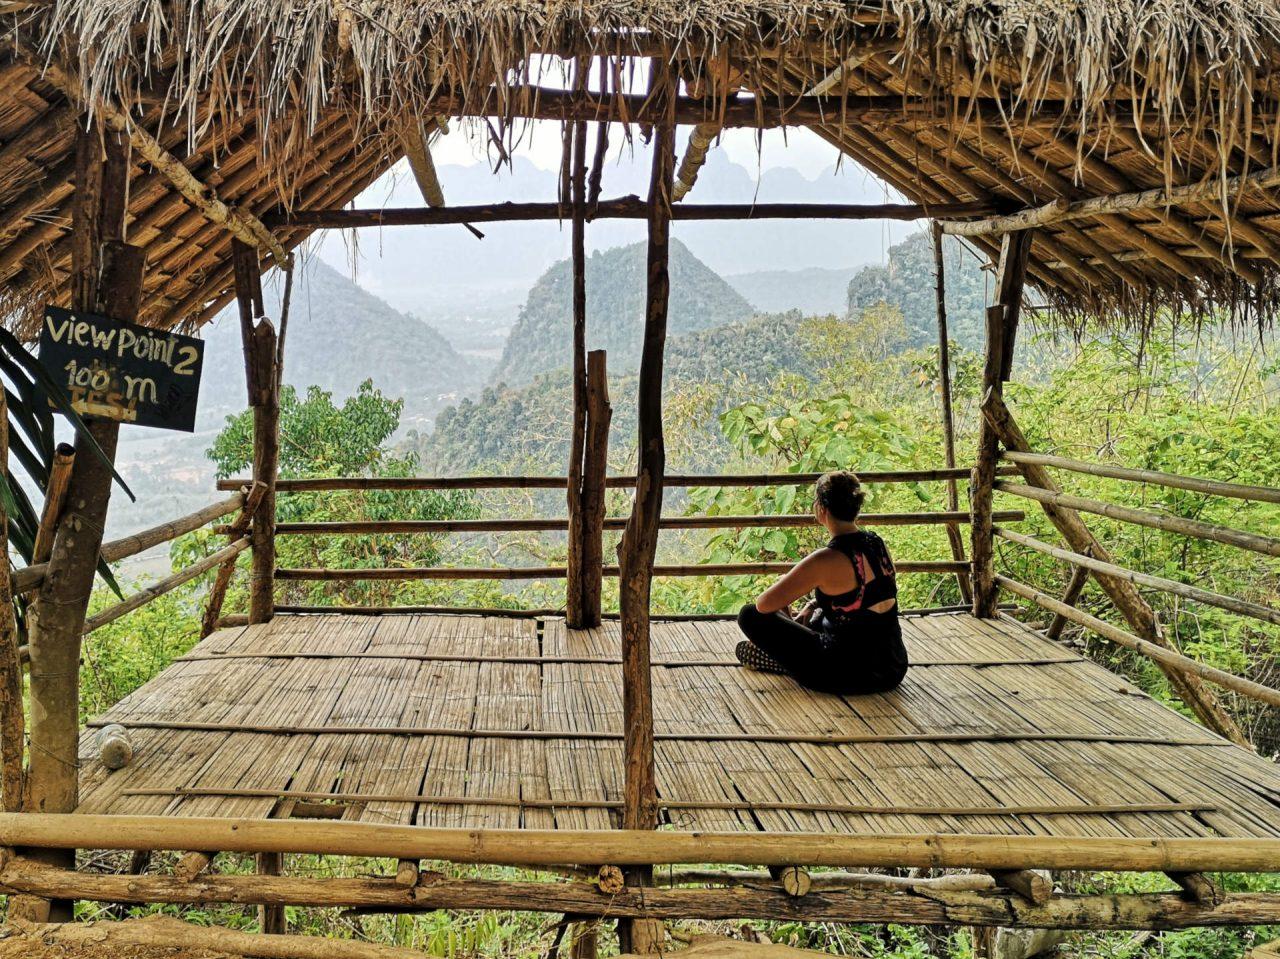 Nach einem halben jahr Thailand ziehe ich das Resümee - wie hat mich Thailand und das Reisen verändert?